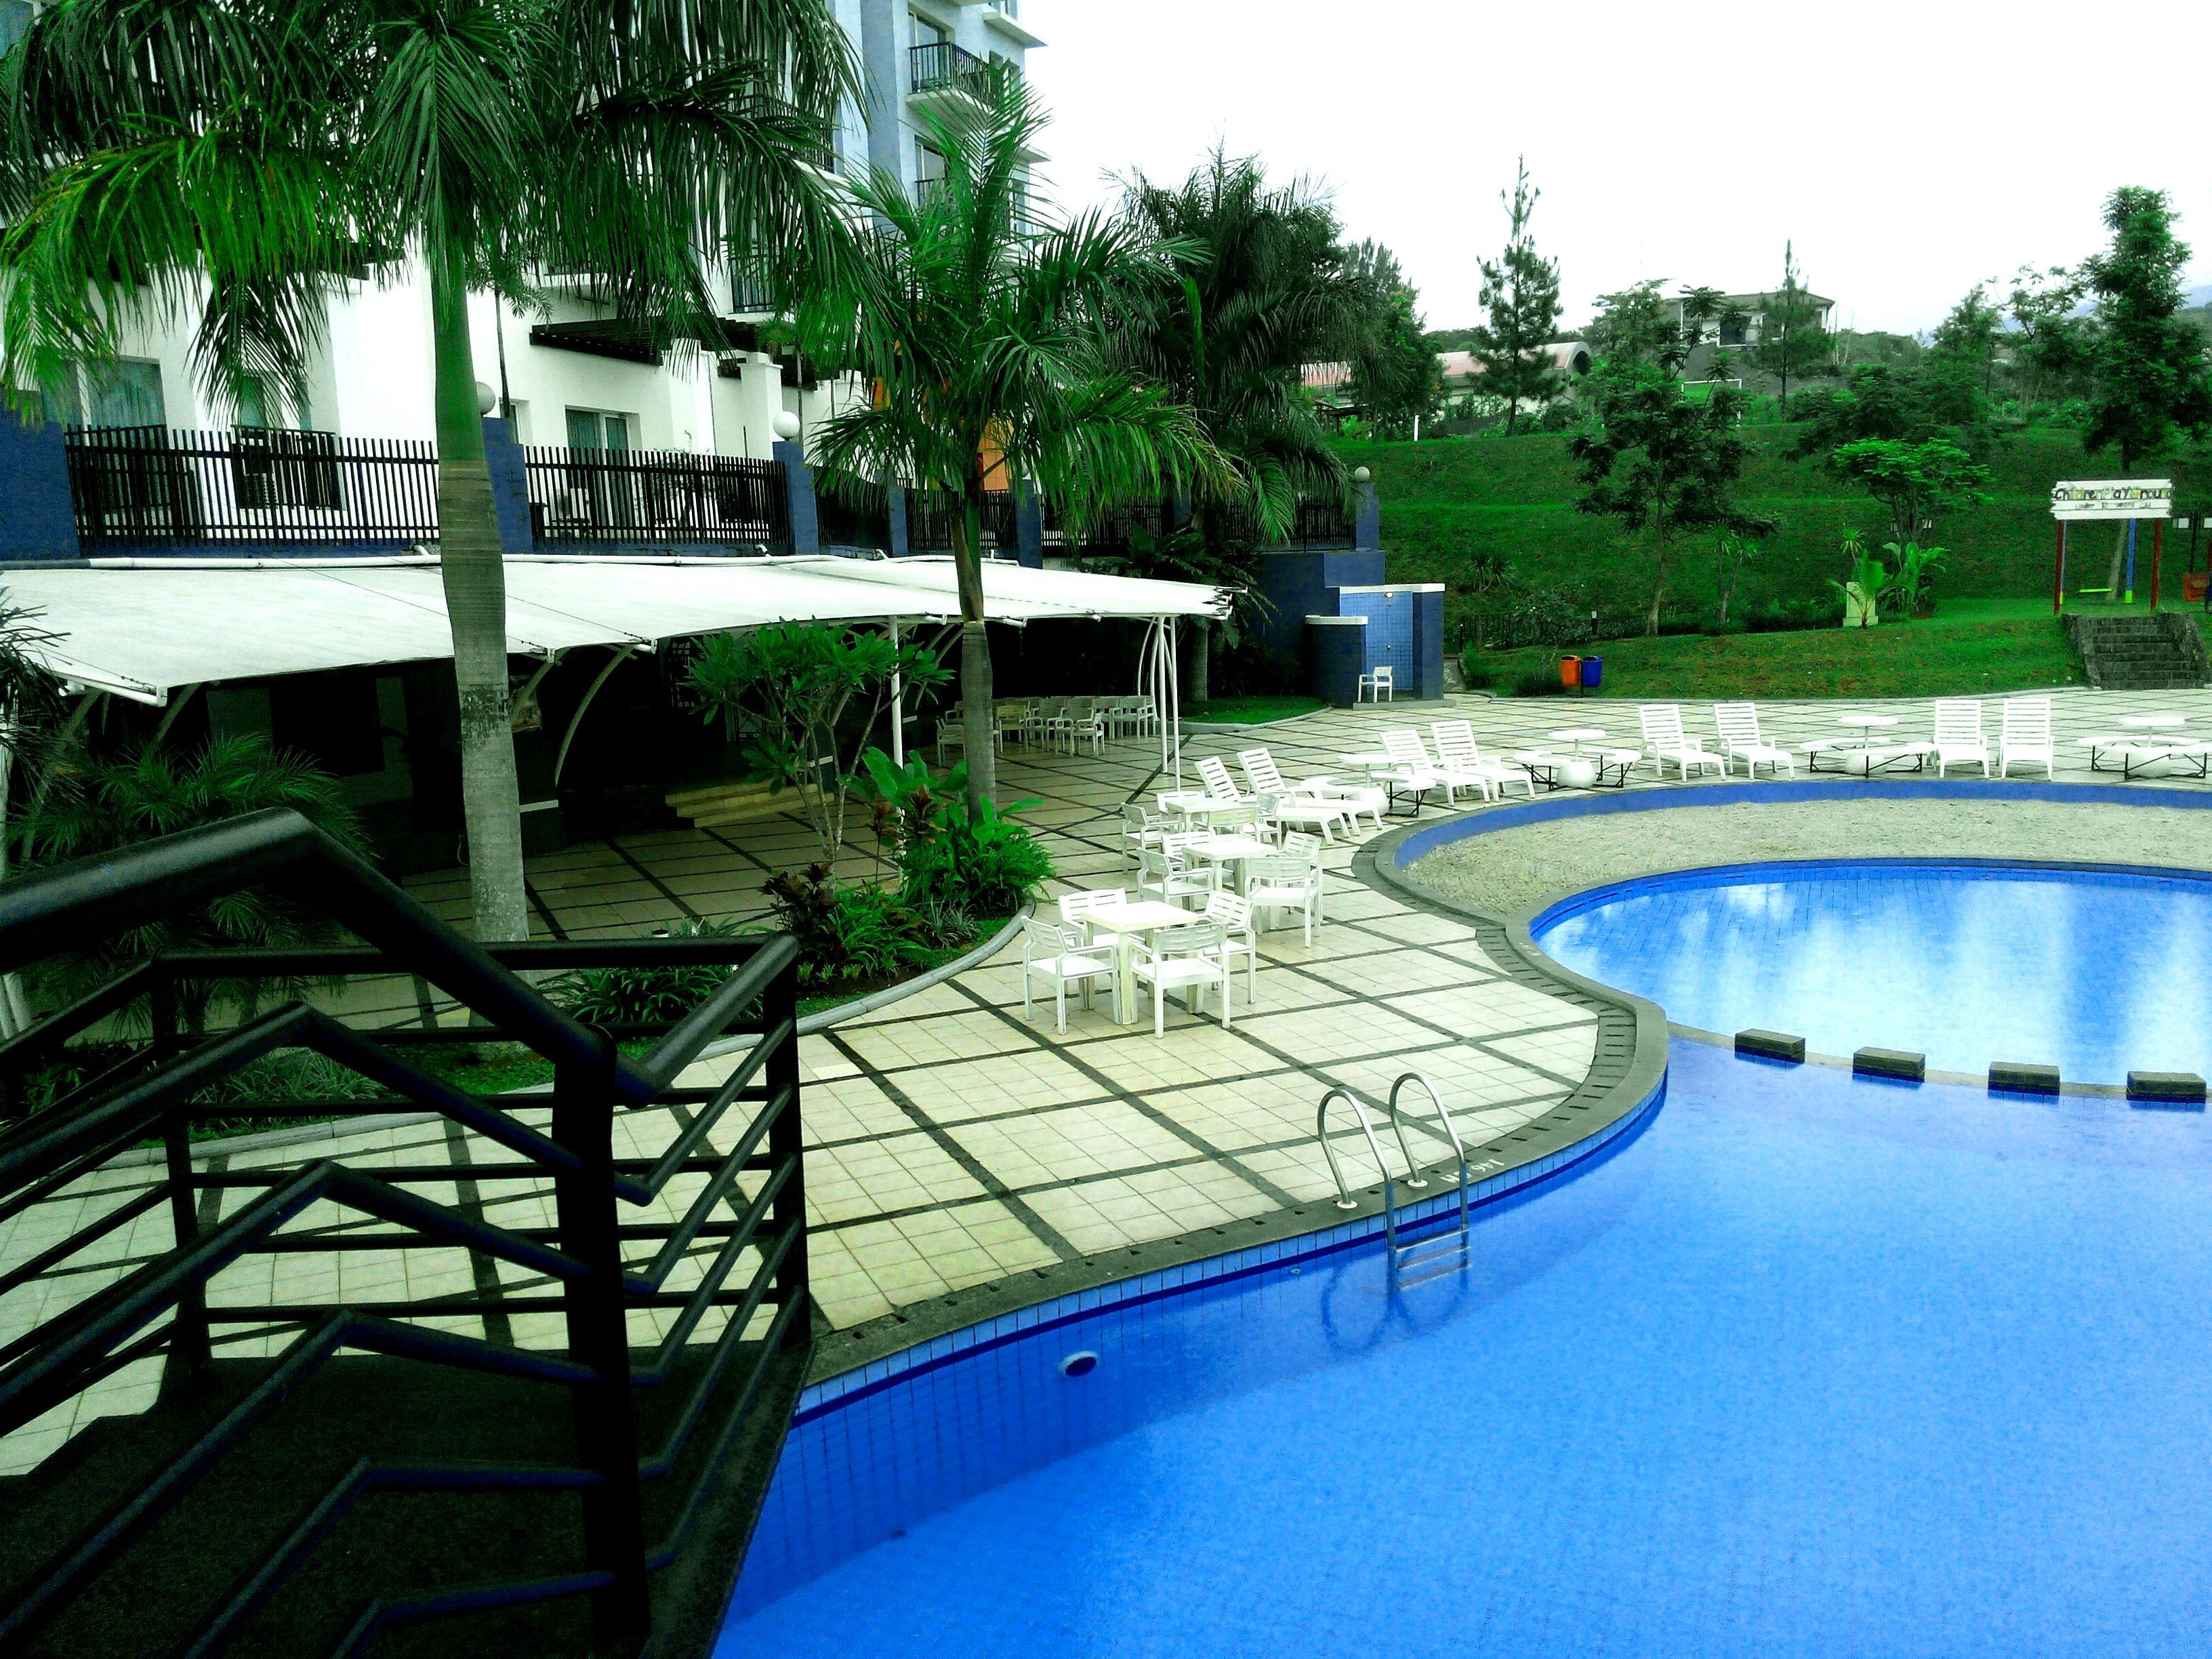 Marbella Hotel Dago Bandung, Bandung